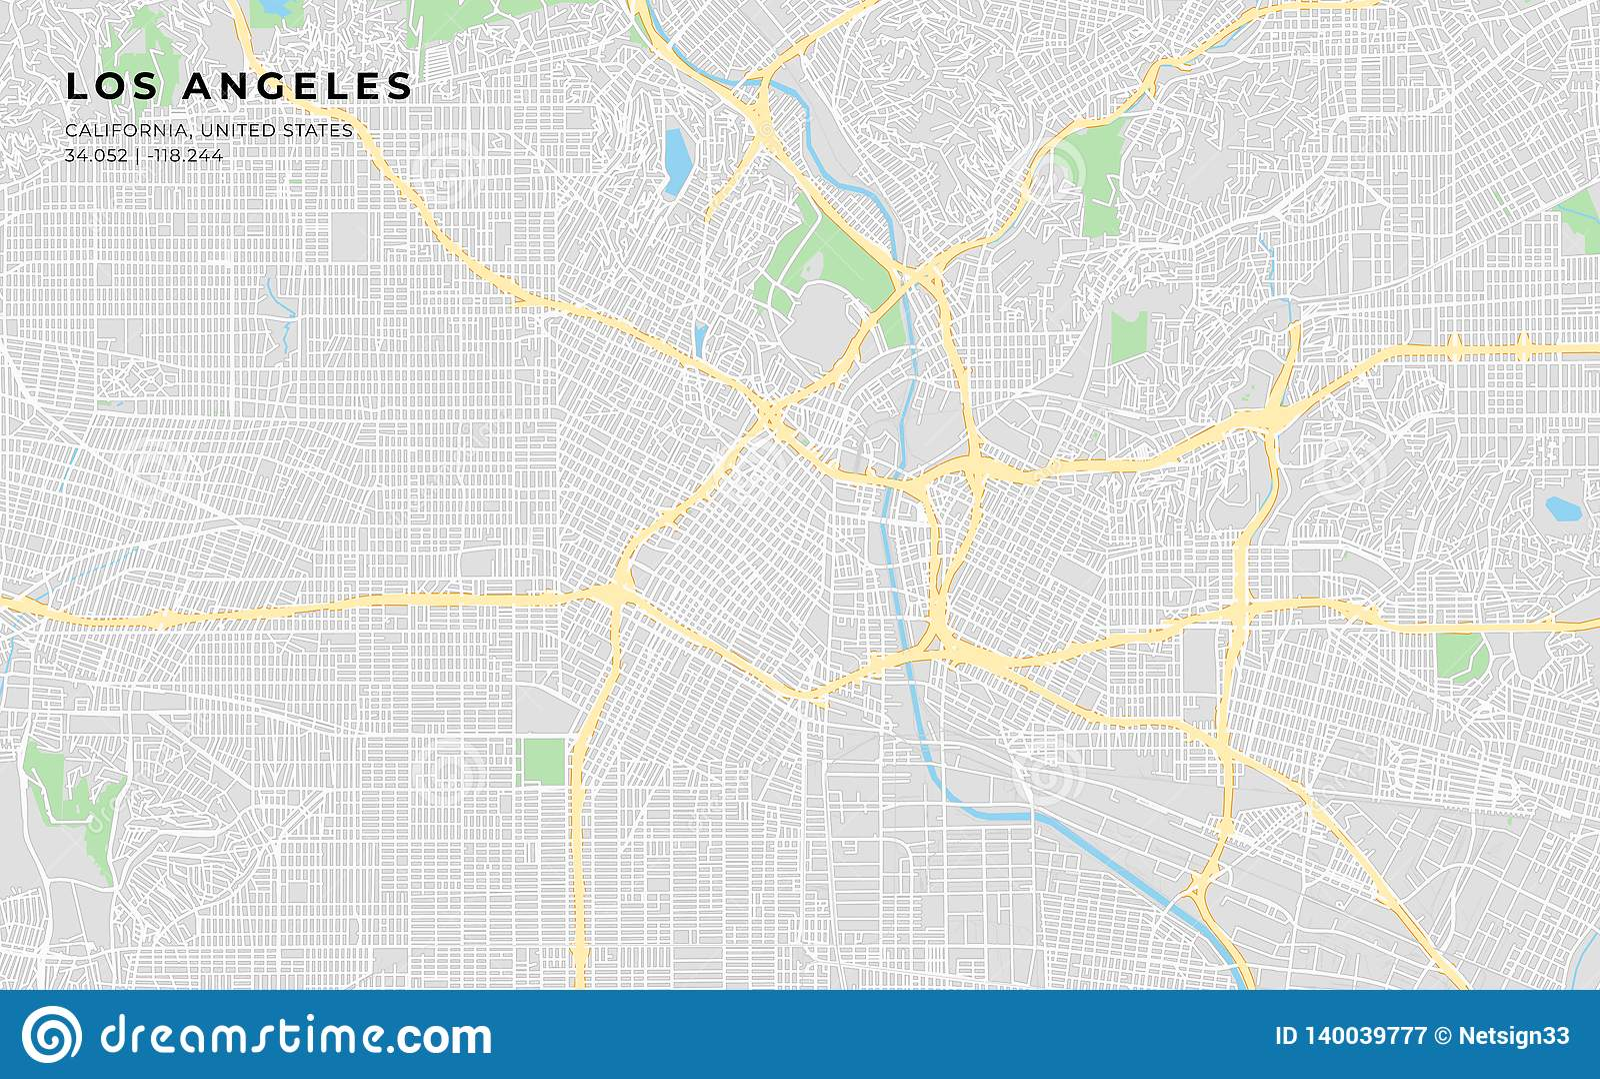 Mapa De Los Angeles Con Nombres.Printable Street Map Of Los Angeles California Stock Vector